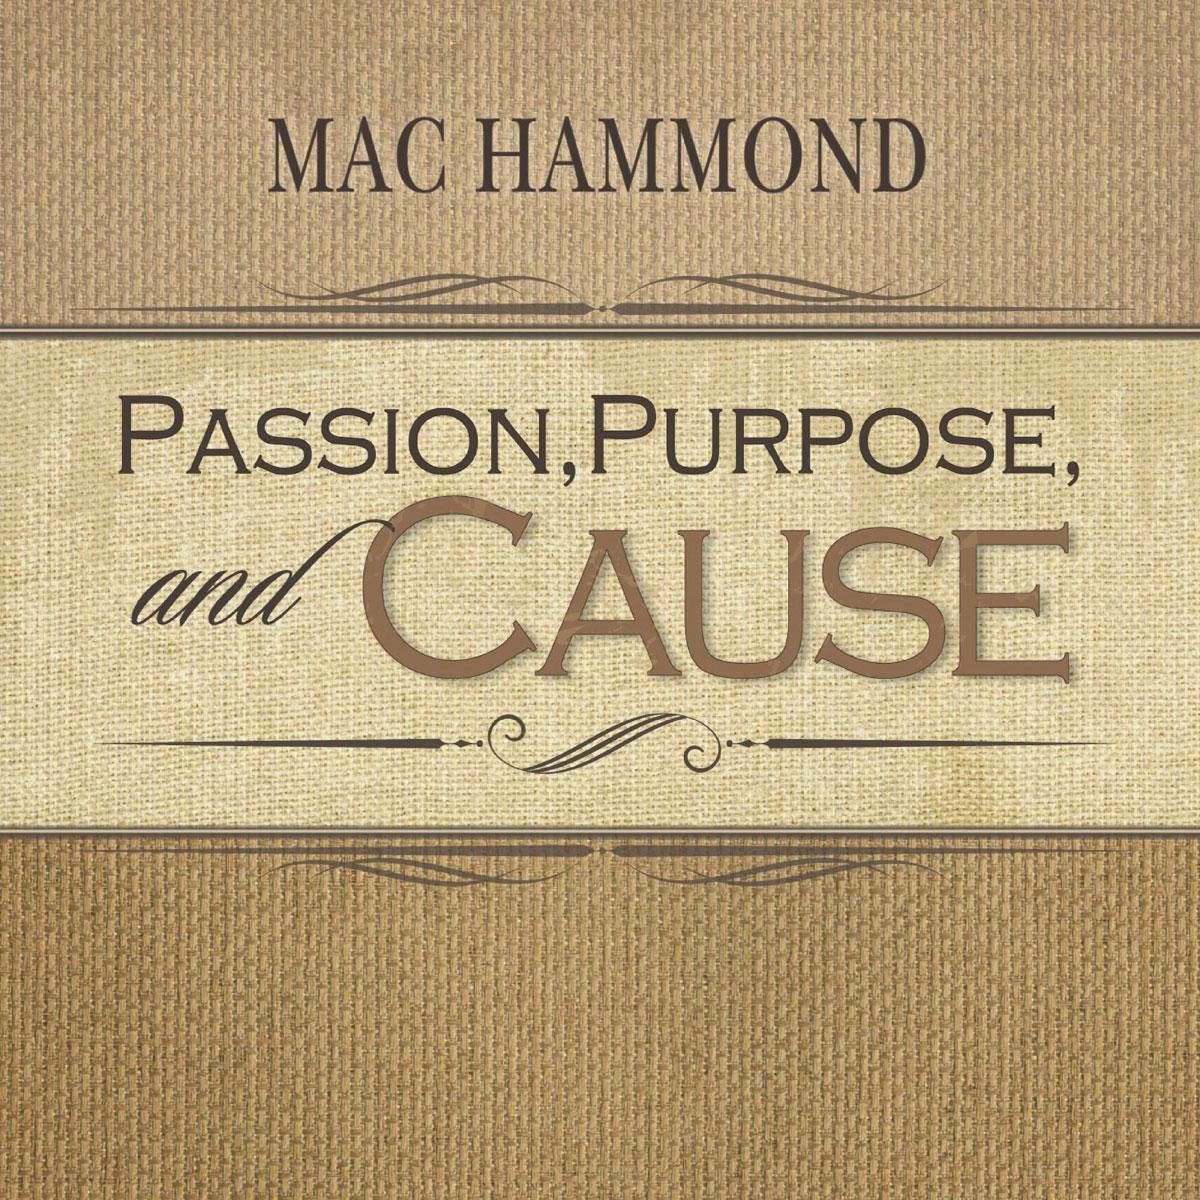 PassionPurposeAndCause